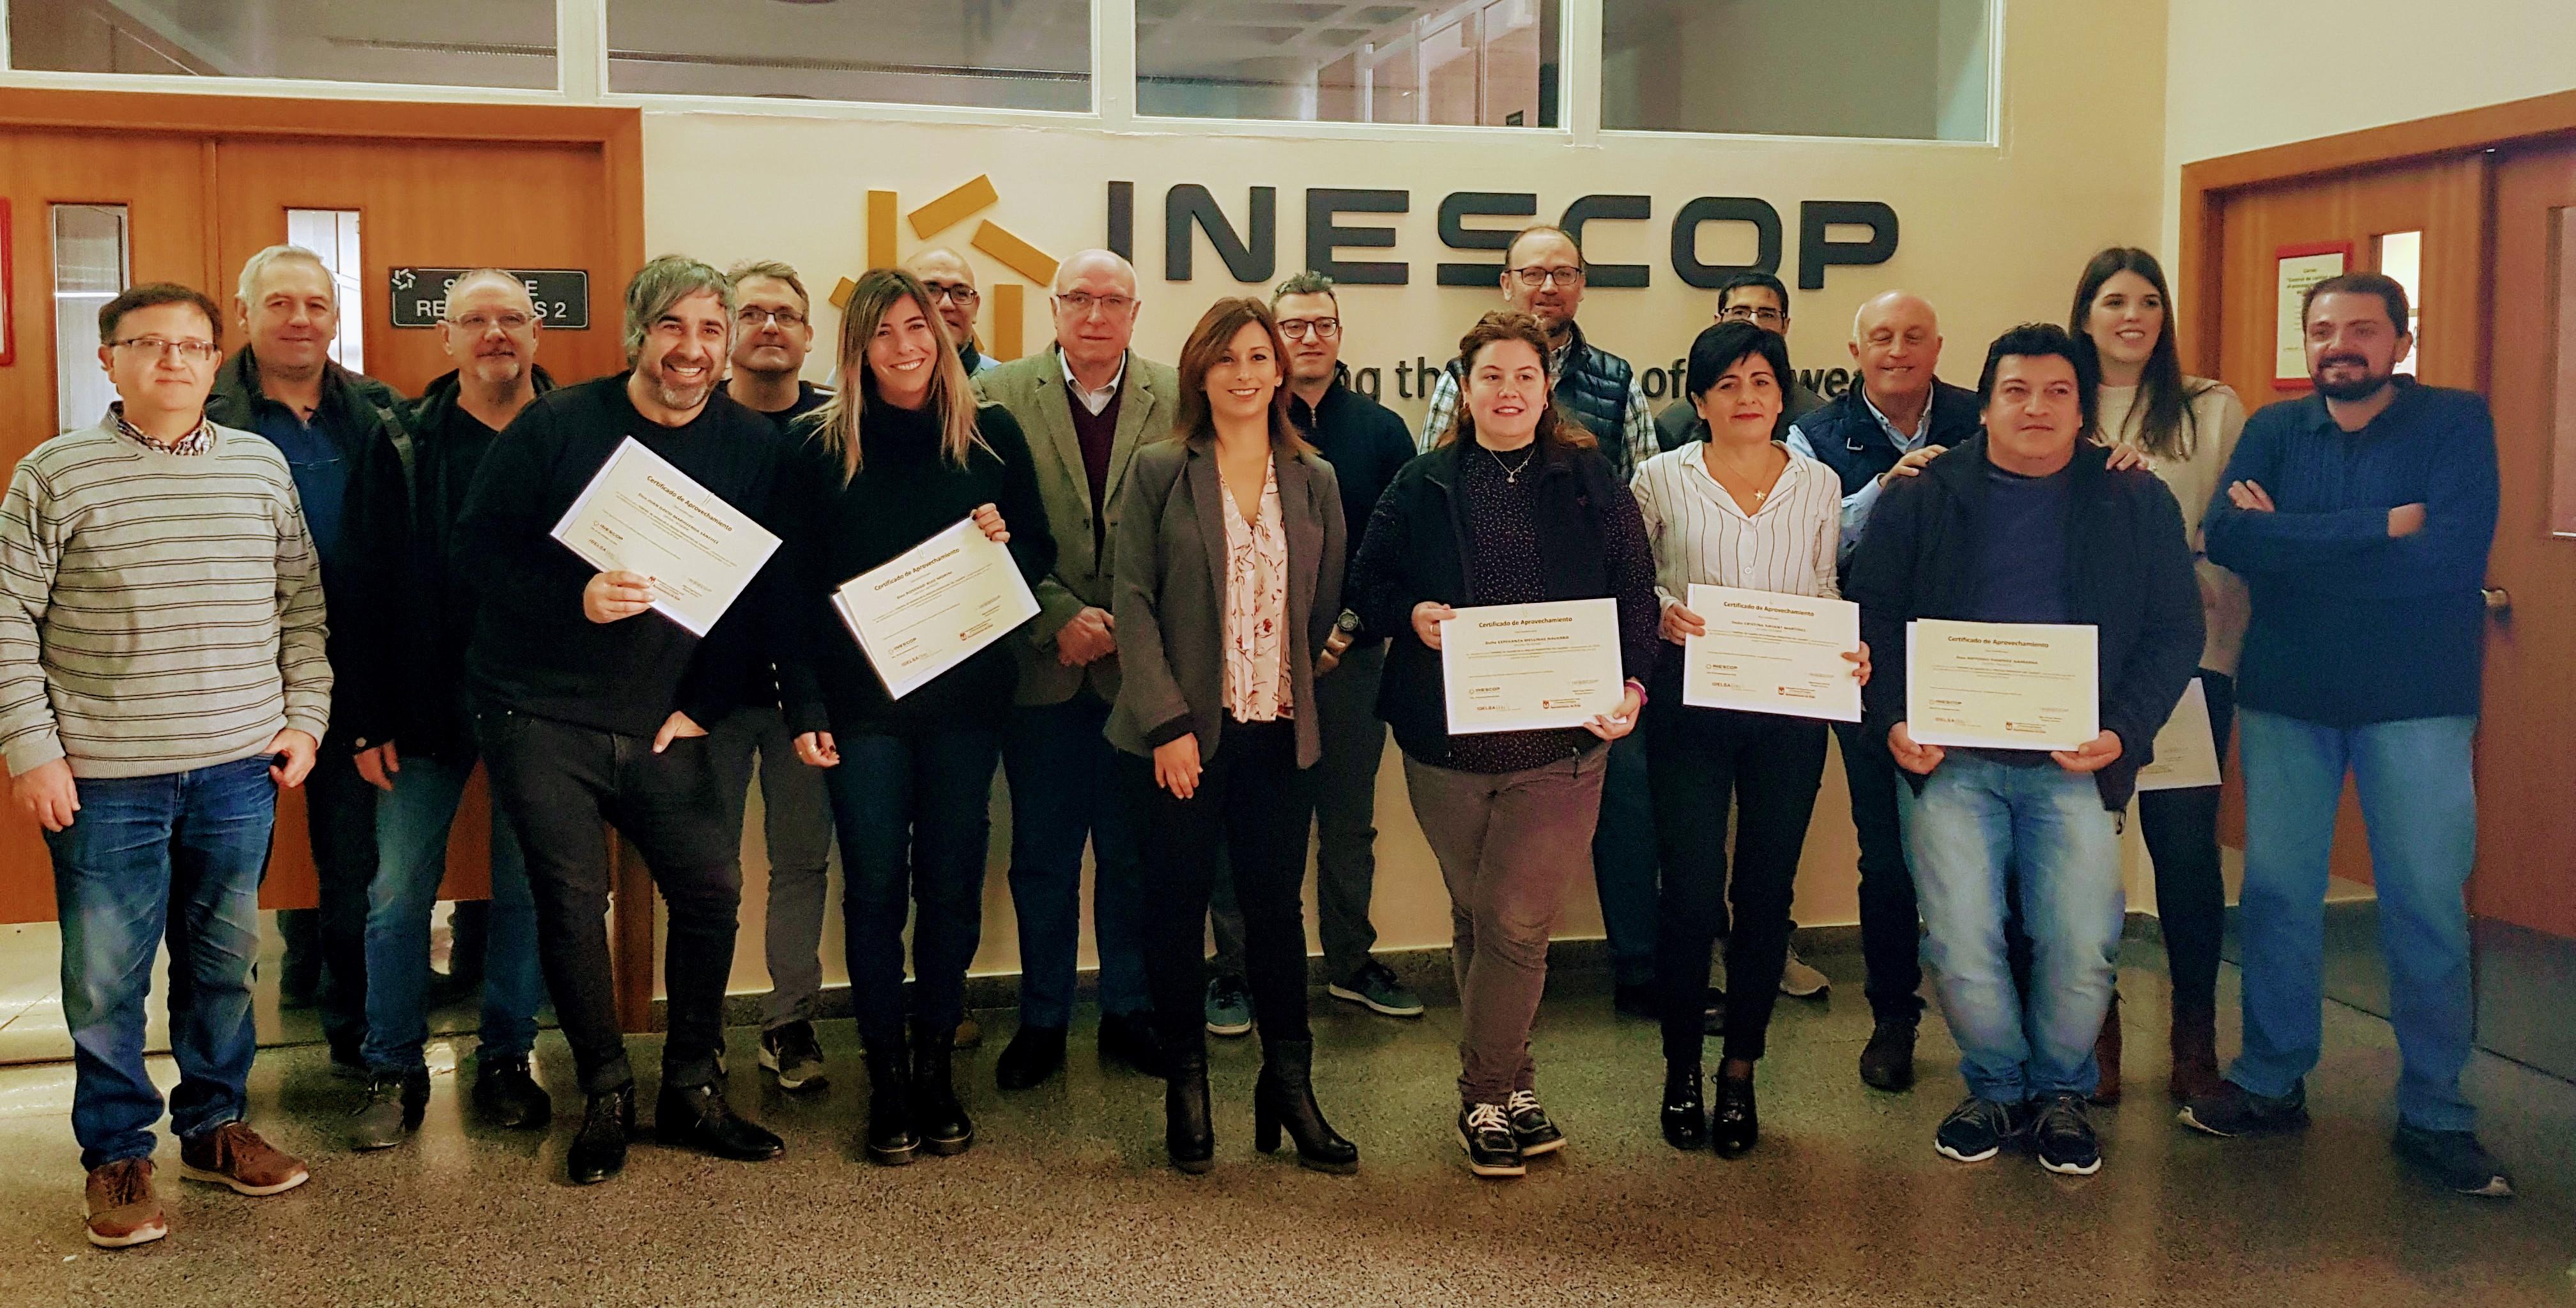 Idelsa e Inescop entregan los diplomas al alumnado del curso sobre control de calidad en el proceso productivo de calzado